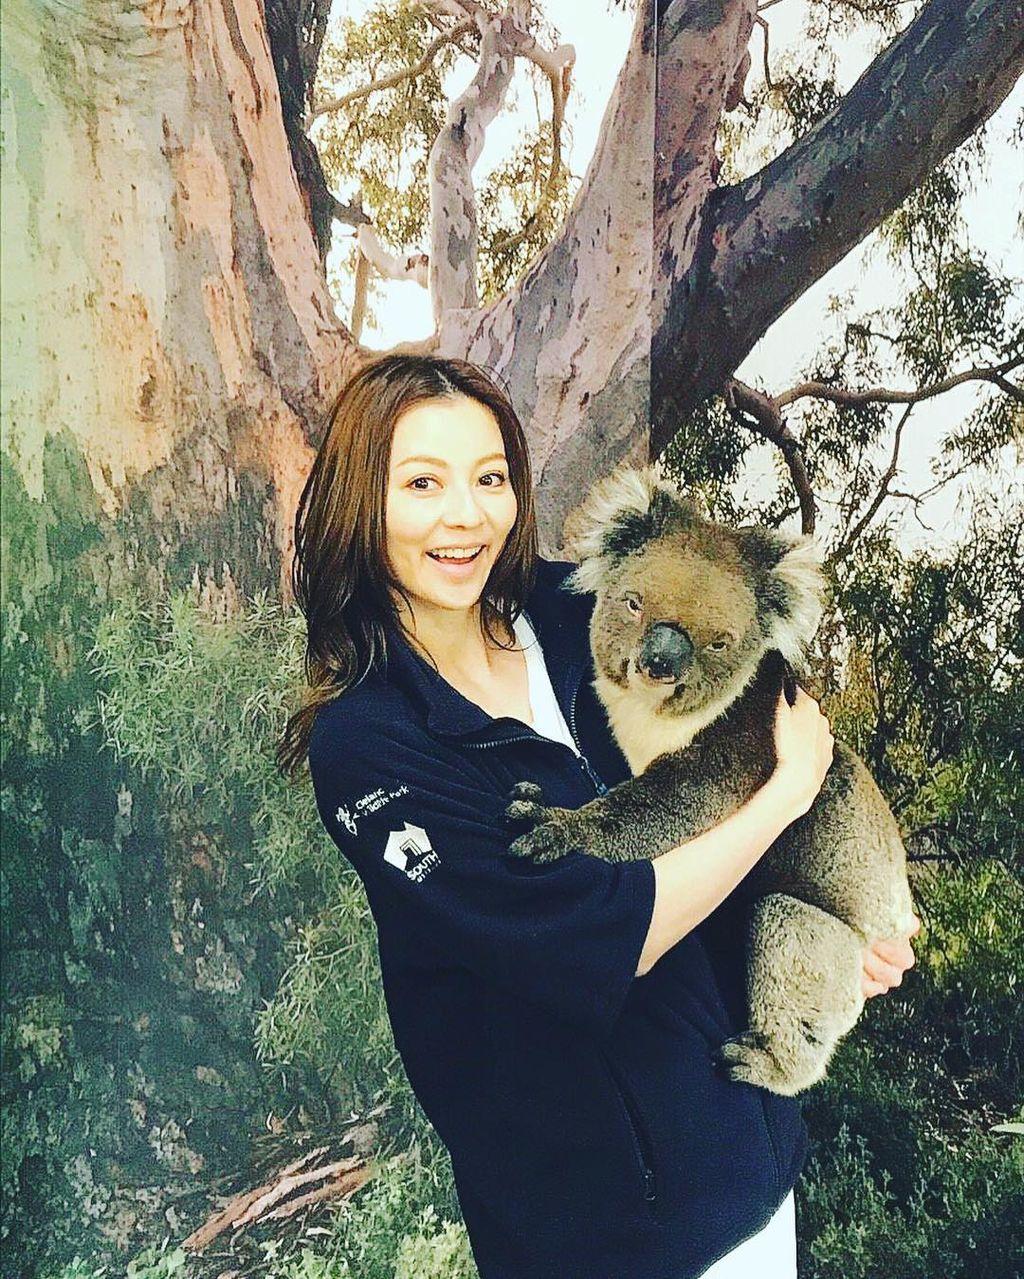 【芸能】香里奈が抱くコアラに衝撃走る 「大きい!」「悪い顔しとるw」